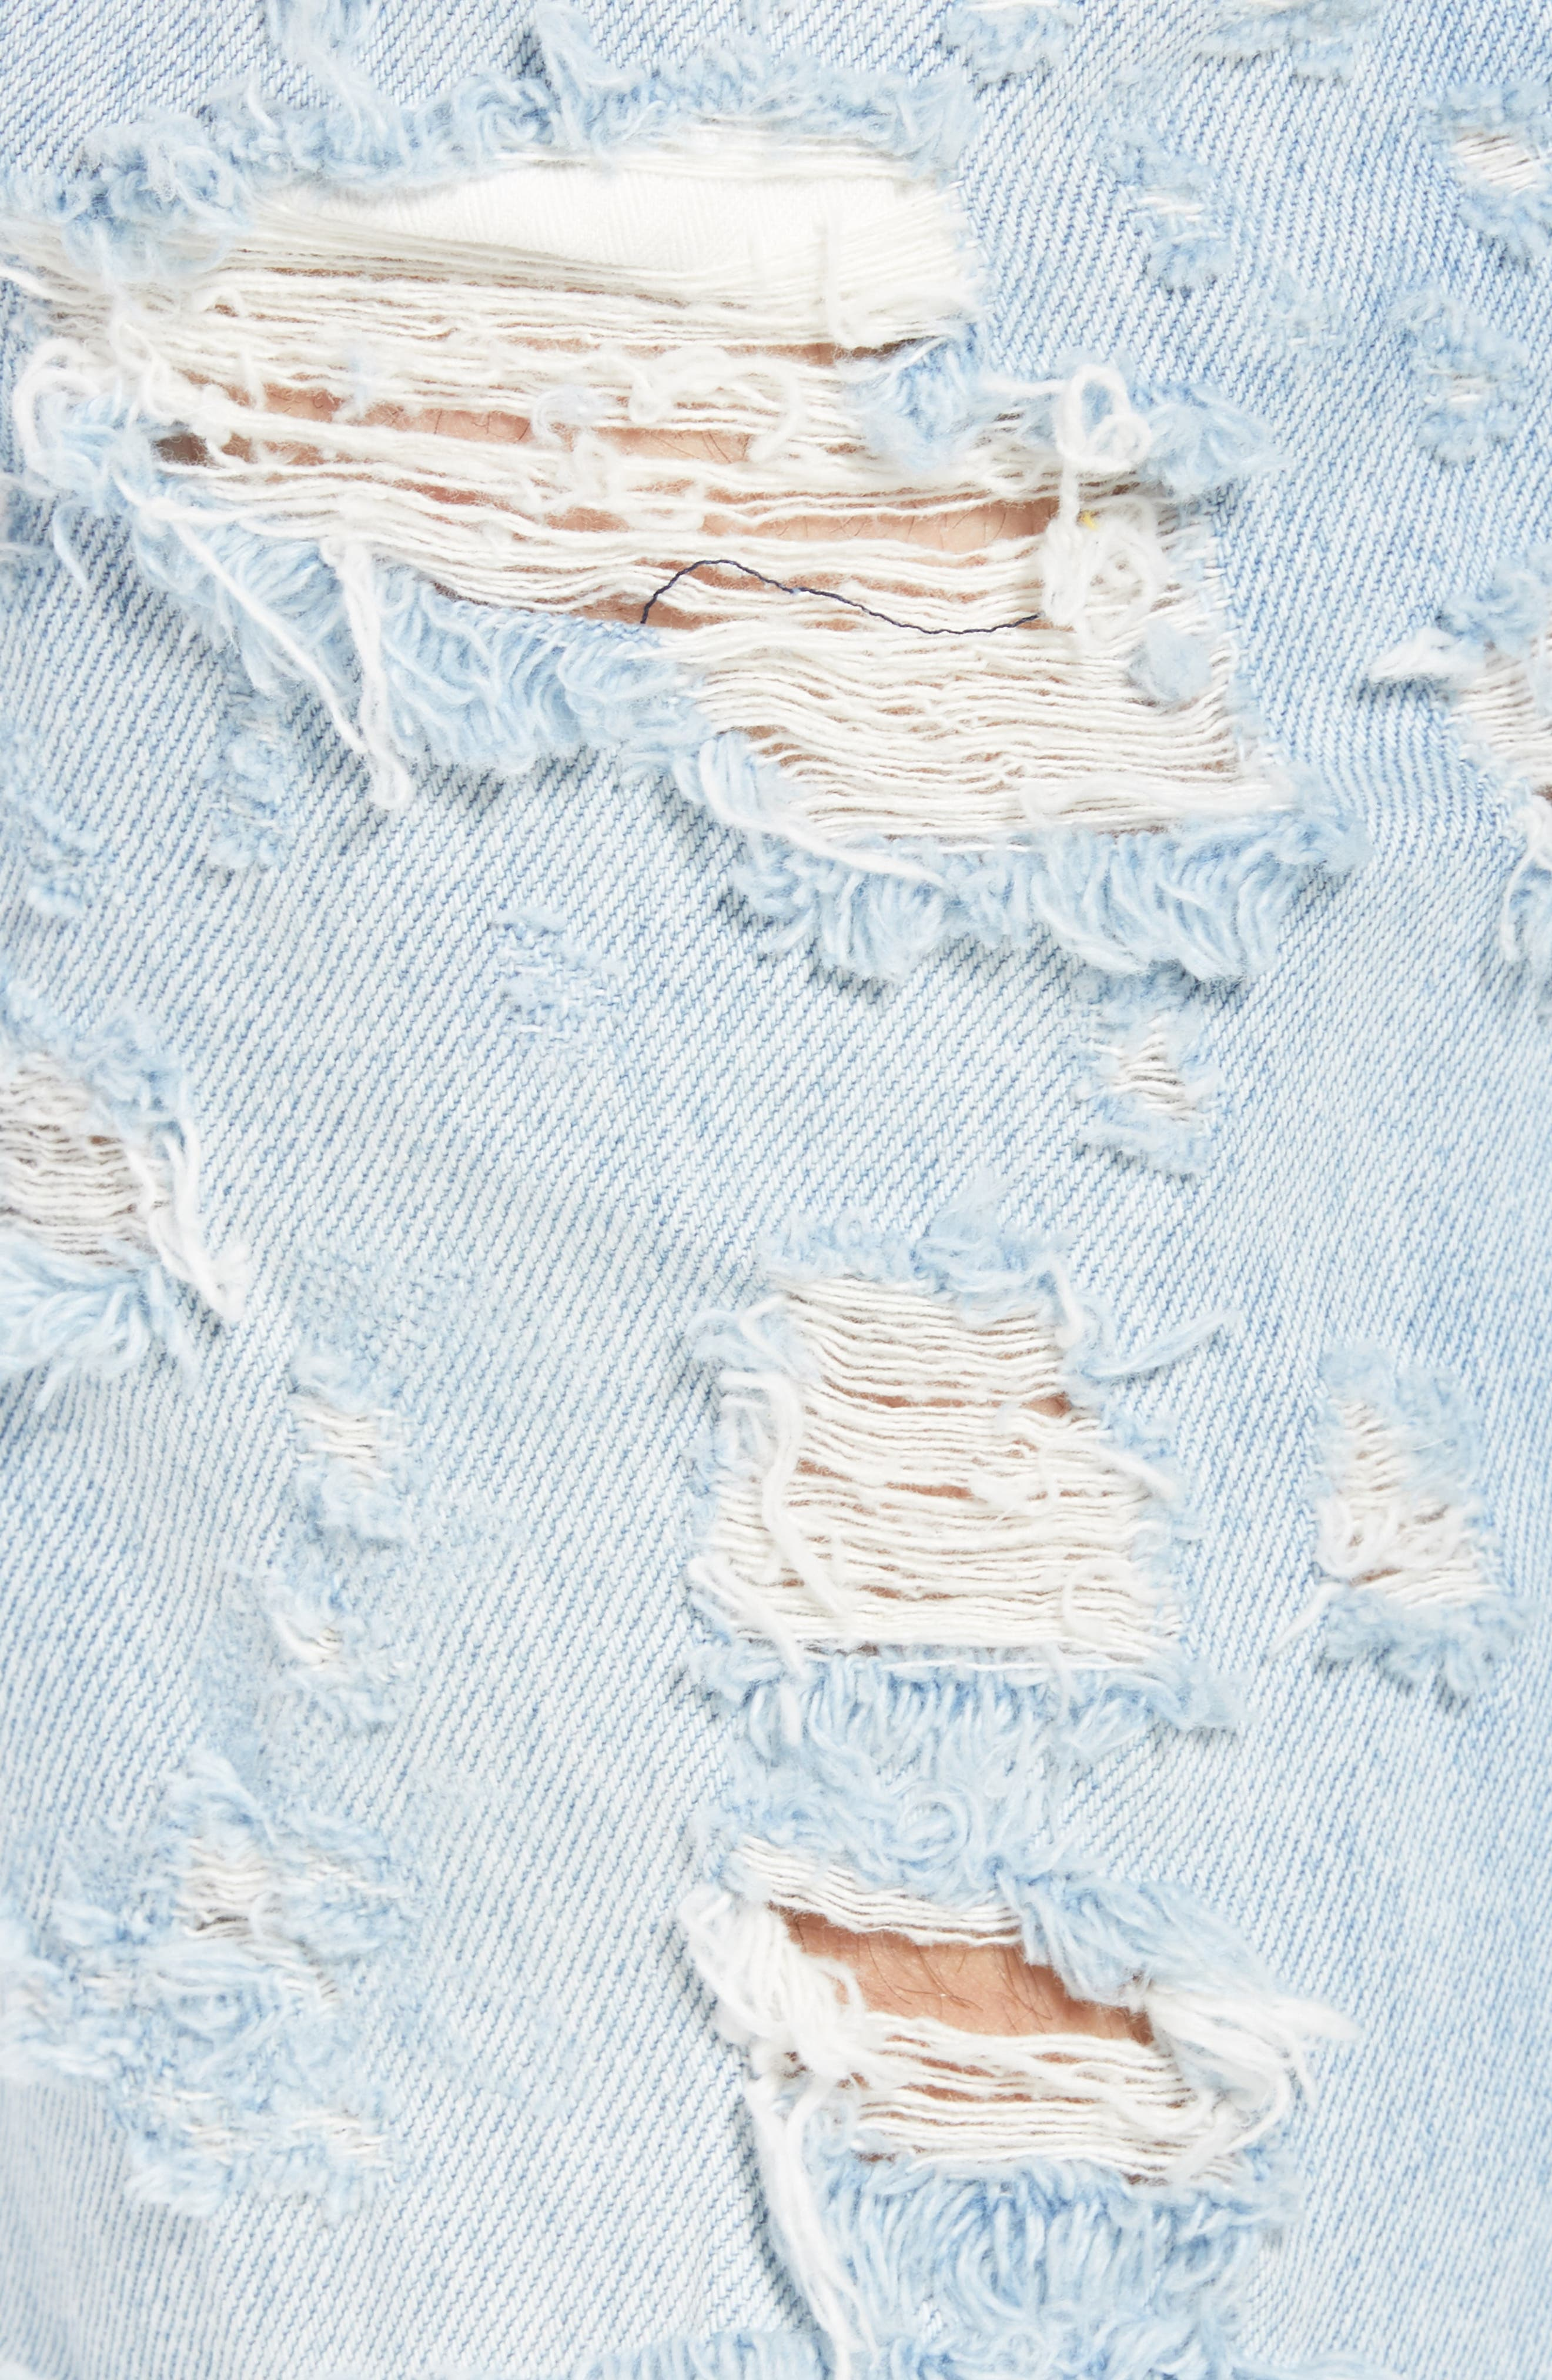 Le Sabre Slim Fit Jeans,                             Alternate thumbnail 5, color,                             Lavish